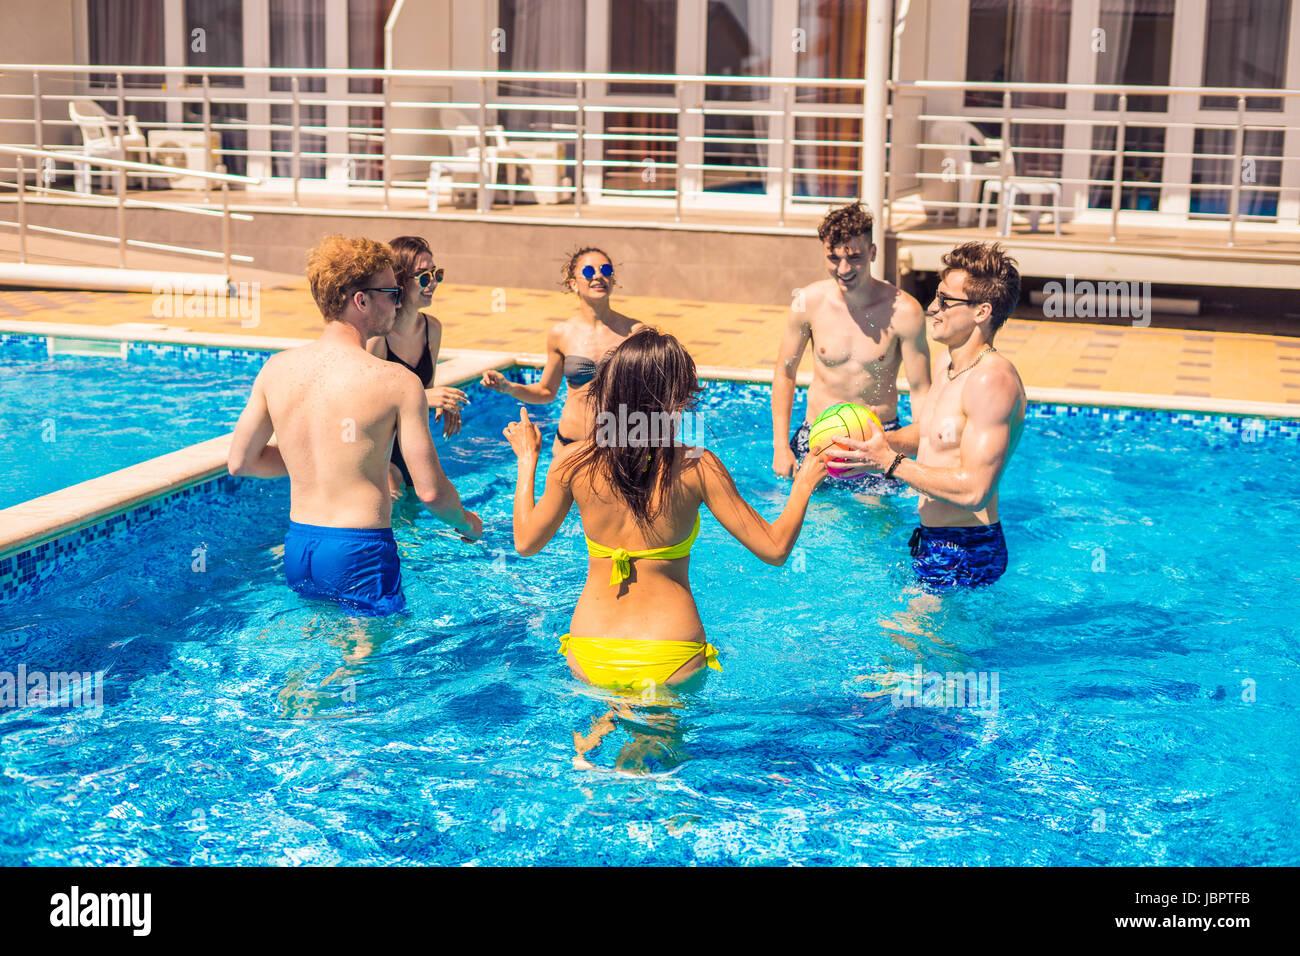 Gruppe von fröhlichen Paare Freunde Wasservolleyball spielen Stockbild